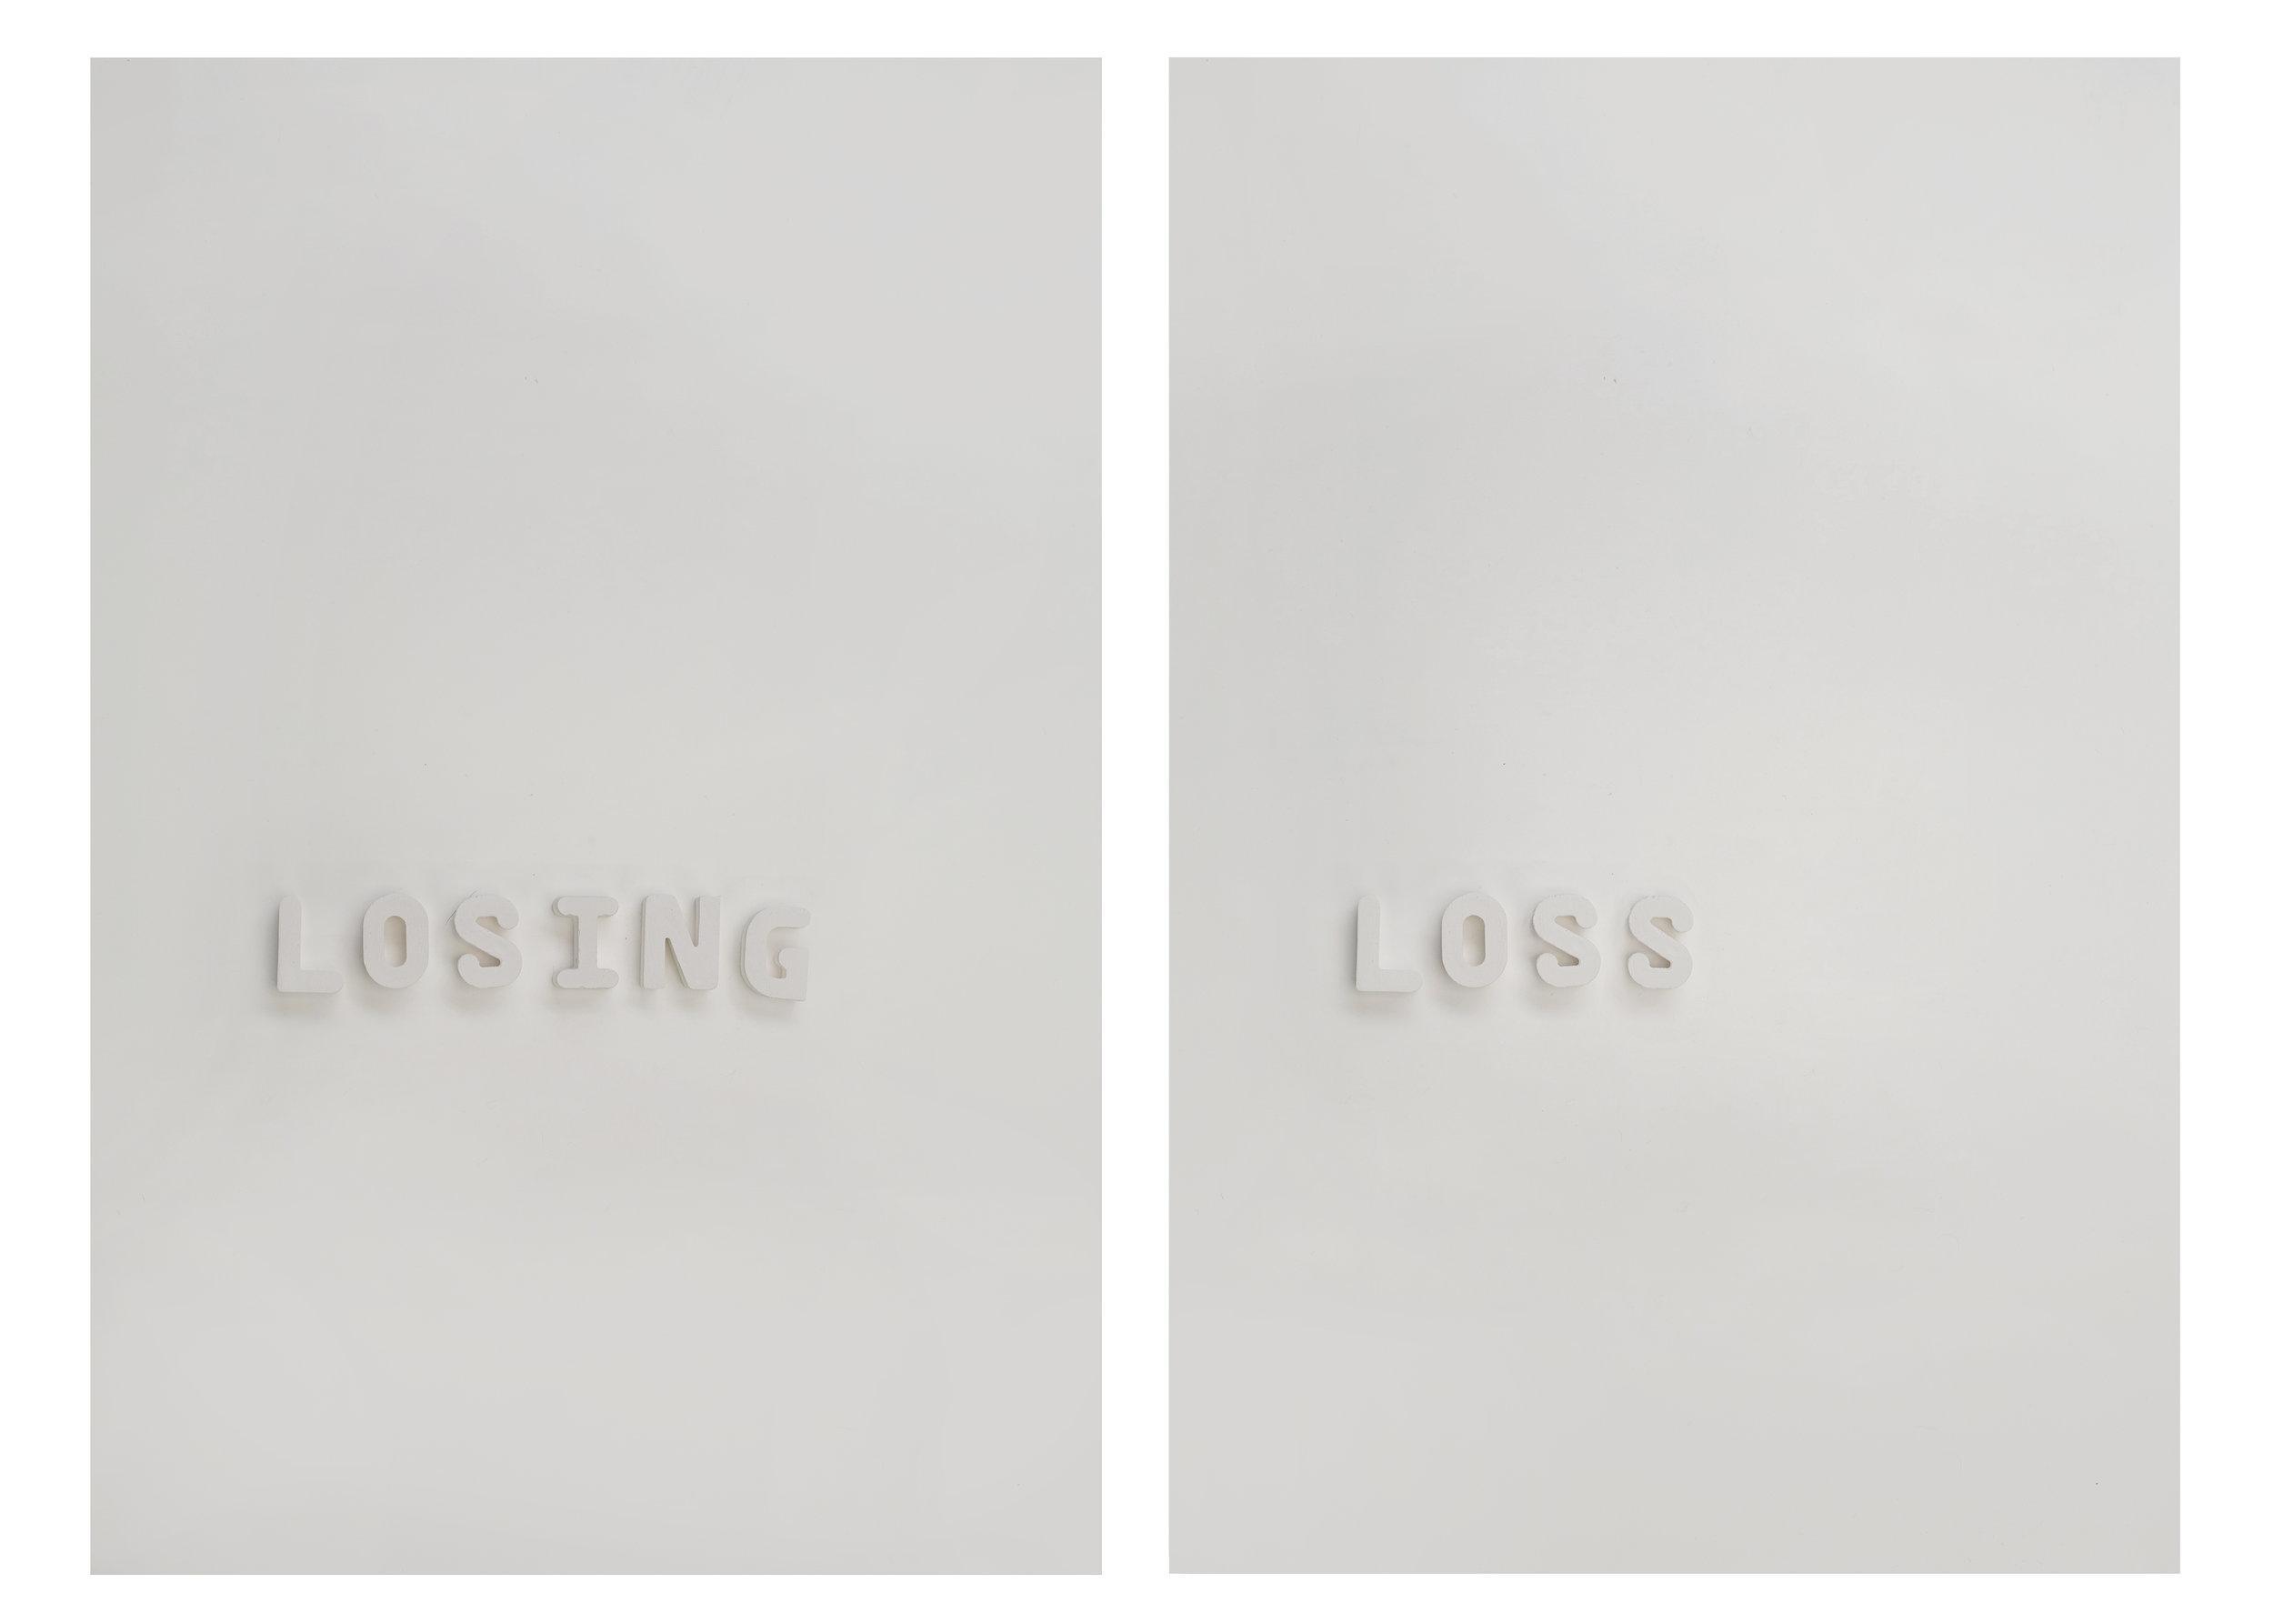 Losing_Loss.jpg